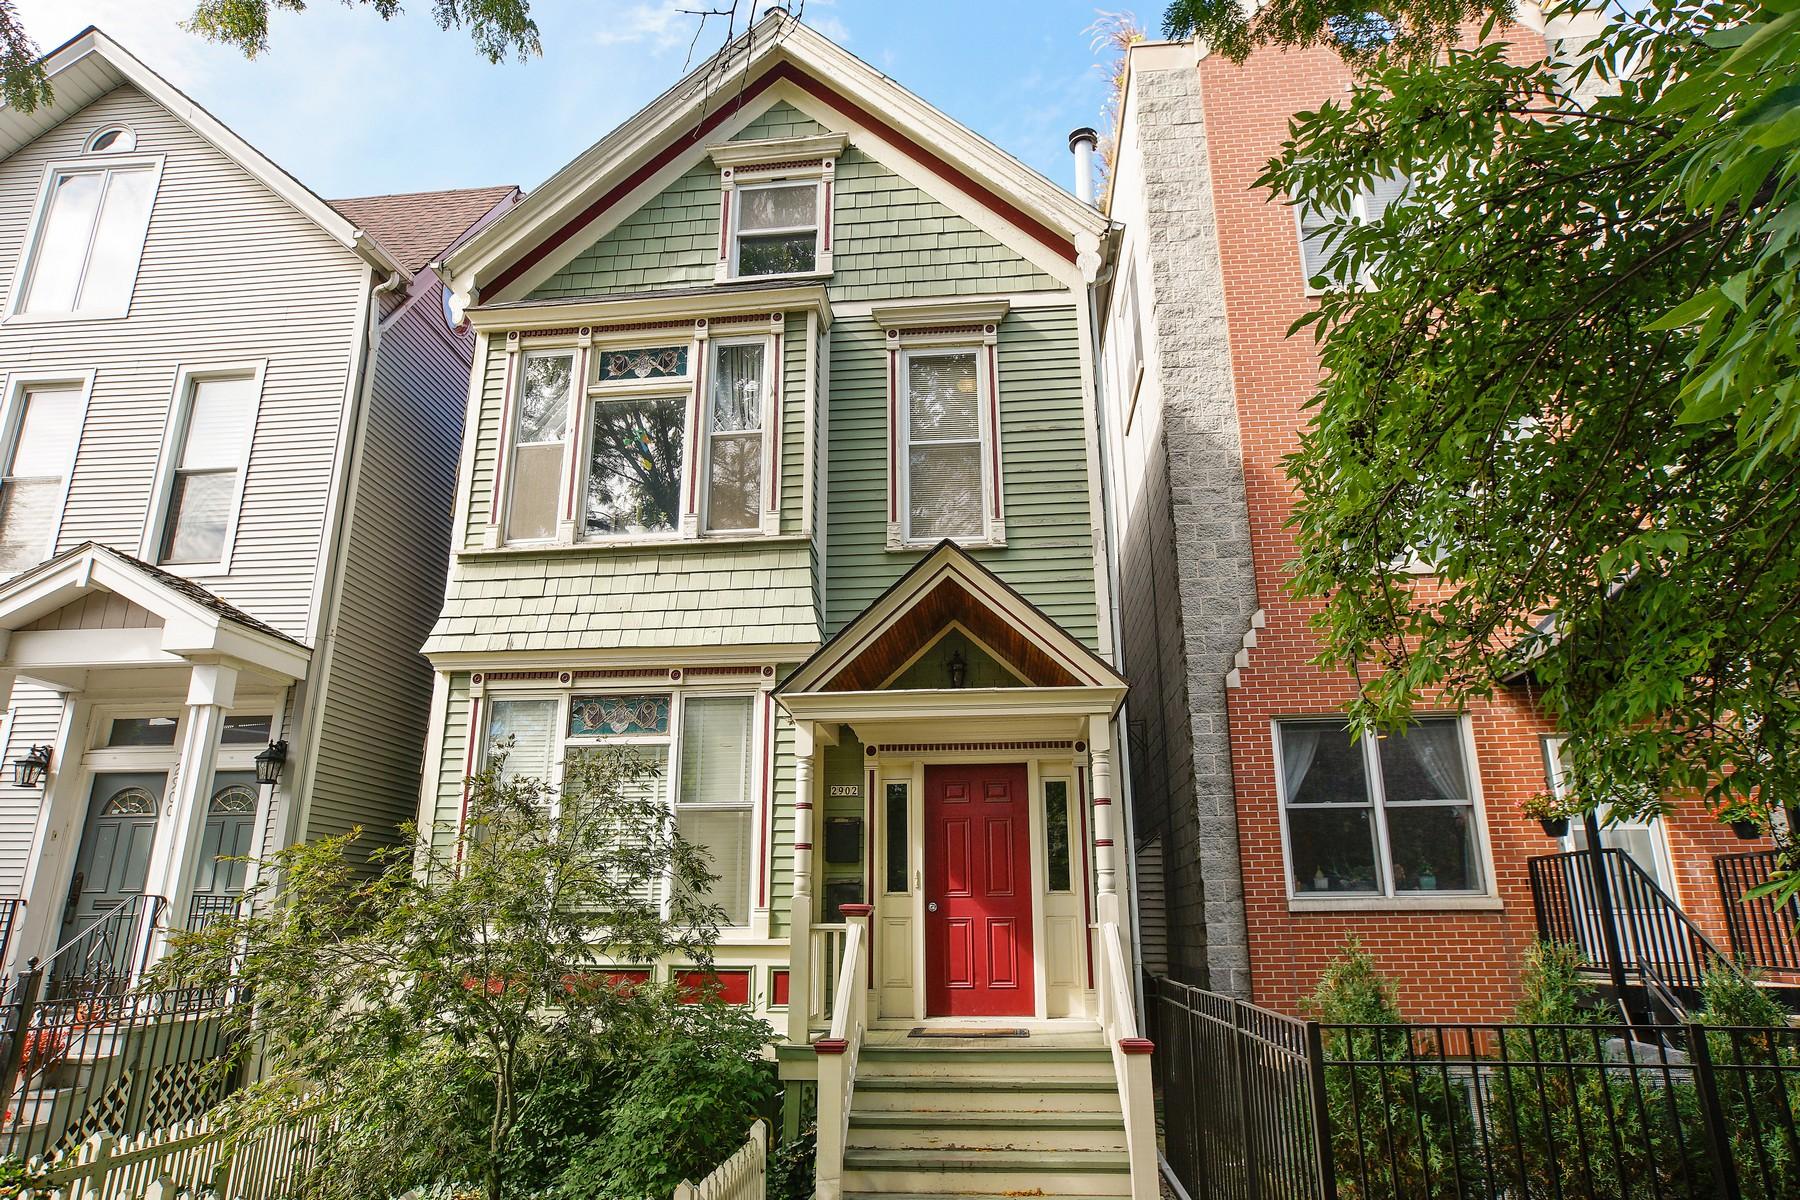 二世帯住宅 のために 売買 アット Charming Vintage 2 Flat 2902 N Racine Avenue Lakeview, Chicago, イリノイ 60657 アメリカ合衆国